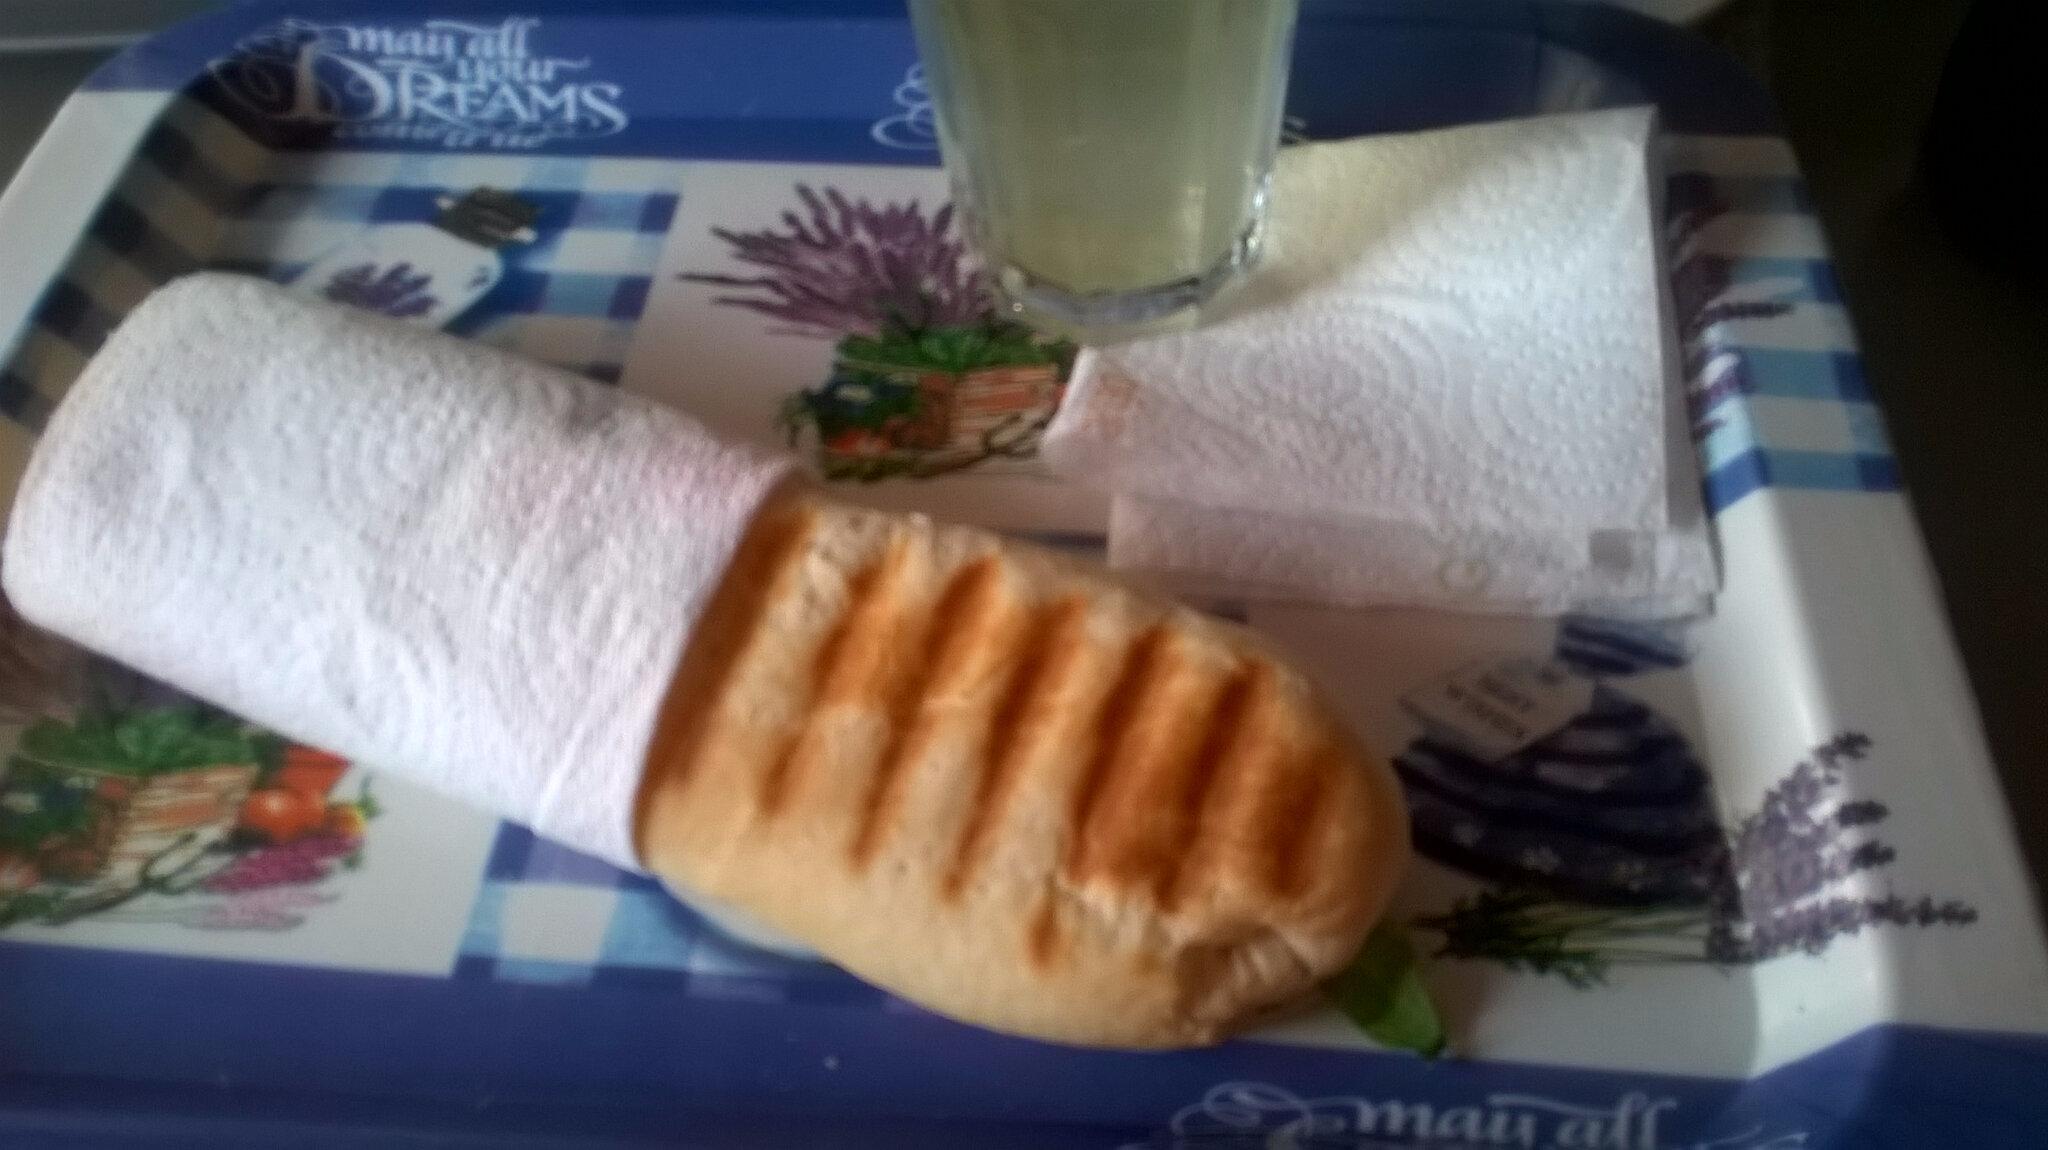 Pain panini